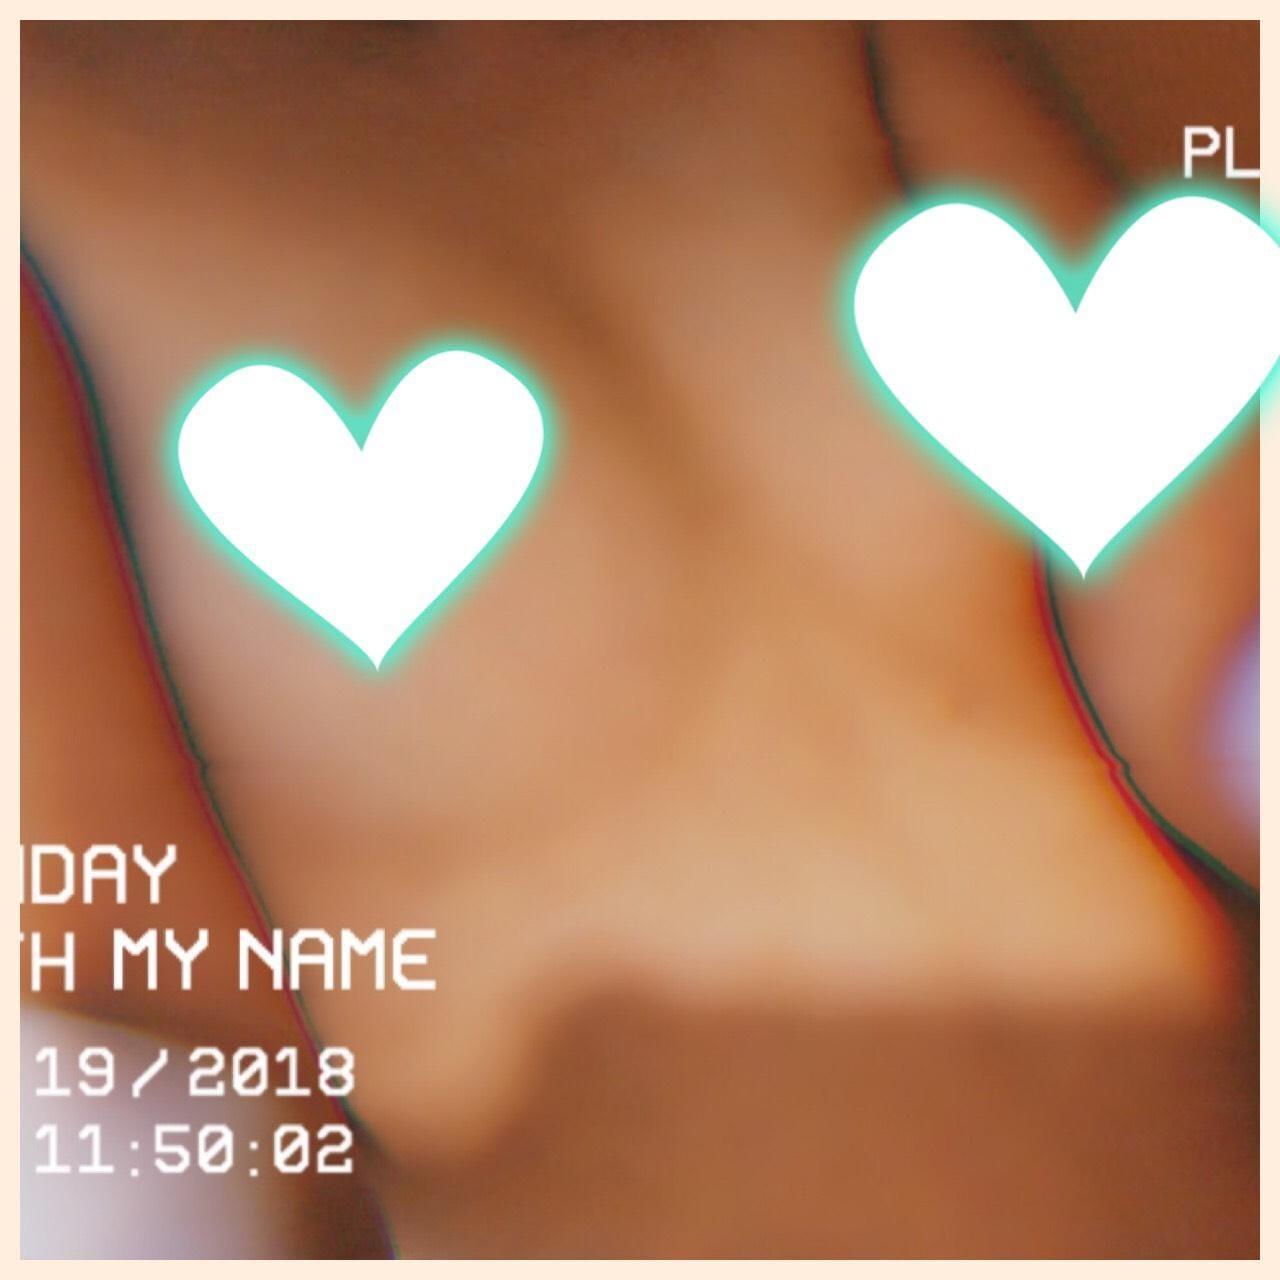 田崎 みらい「一か月の休み」11/21(水) 22:31 | 田崎 みらいの写メ・風俗動画